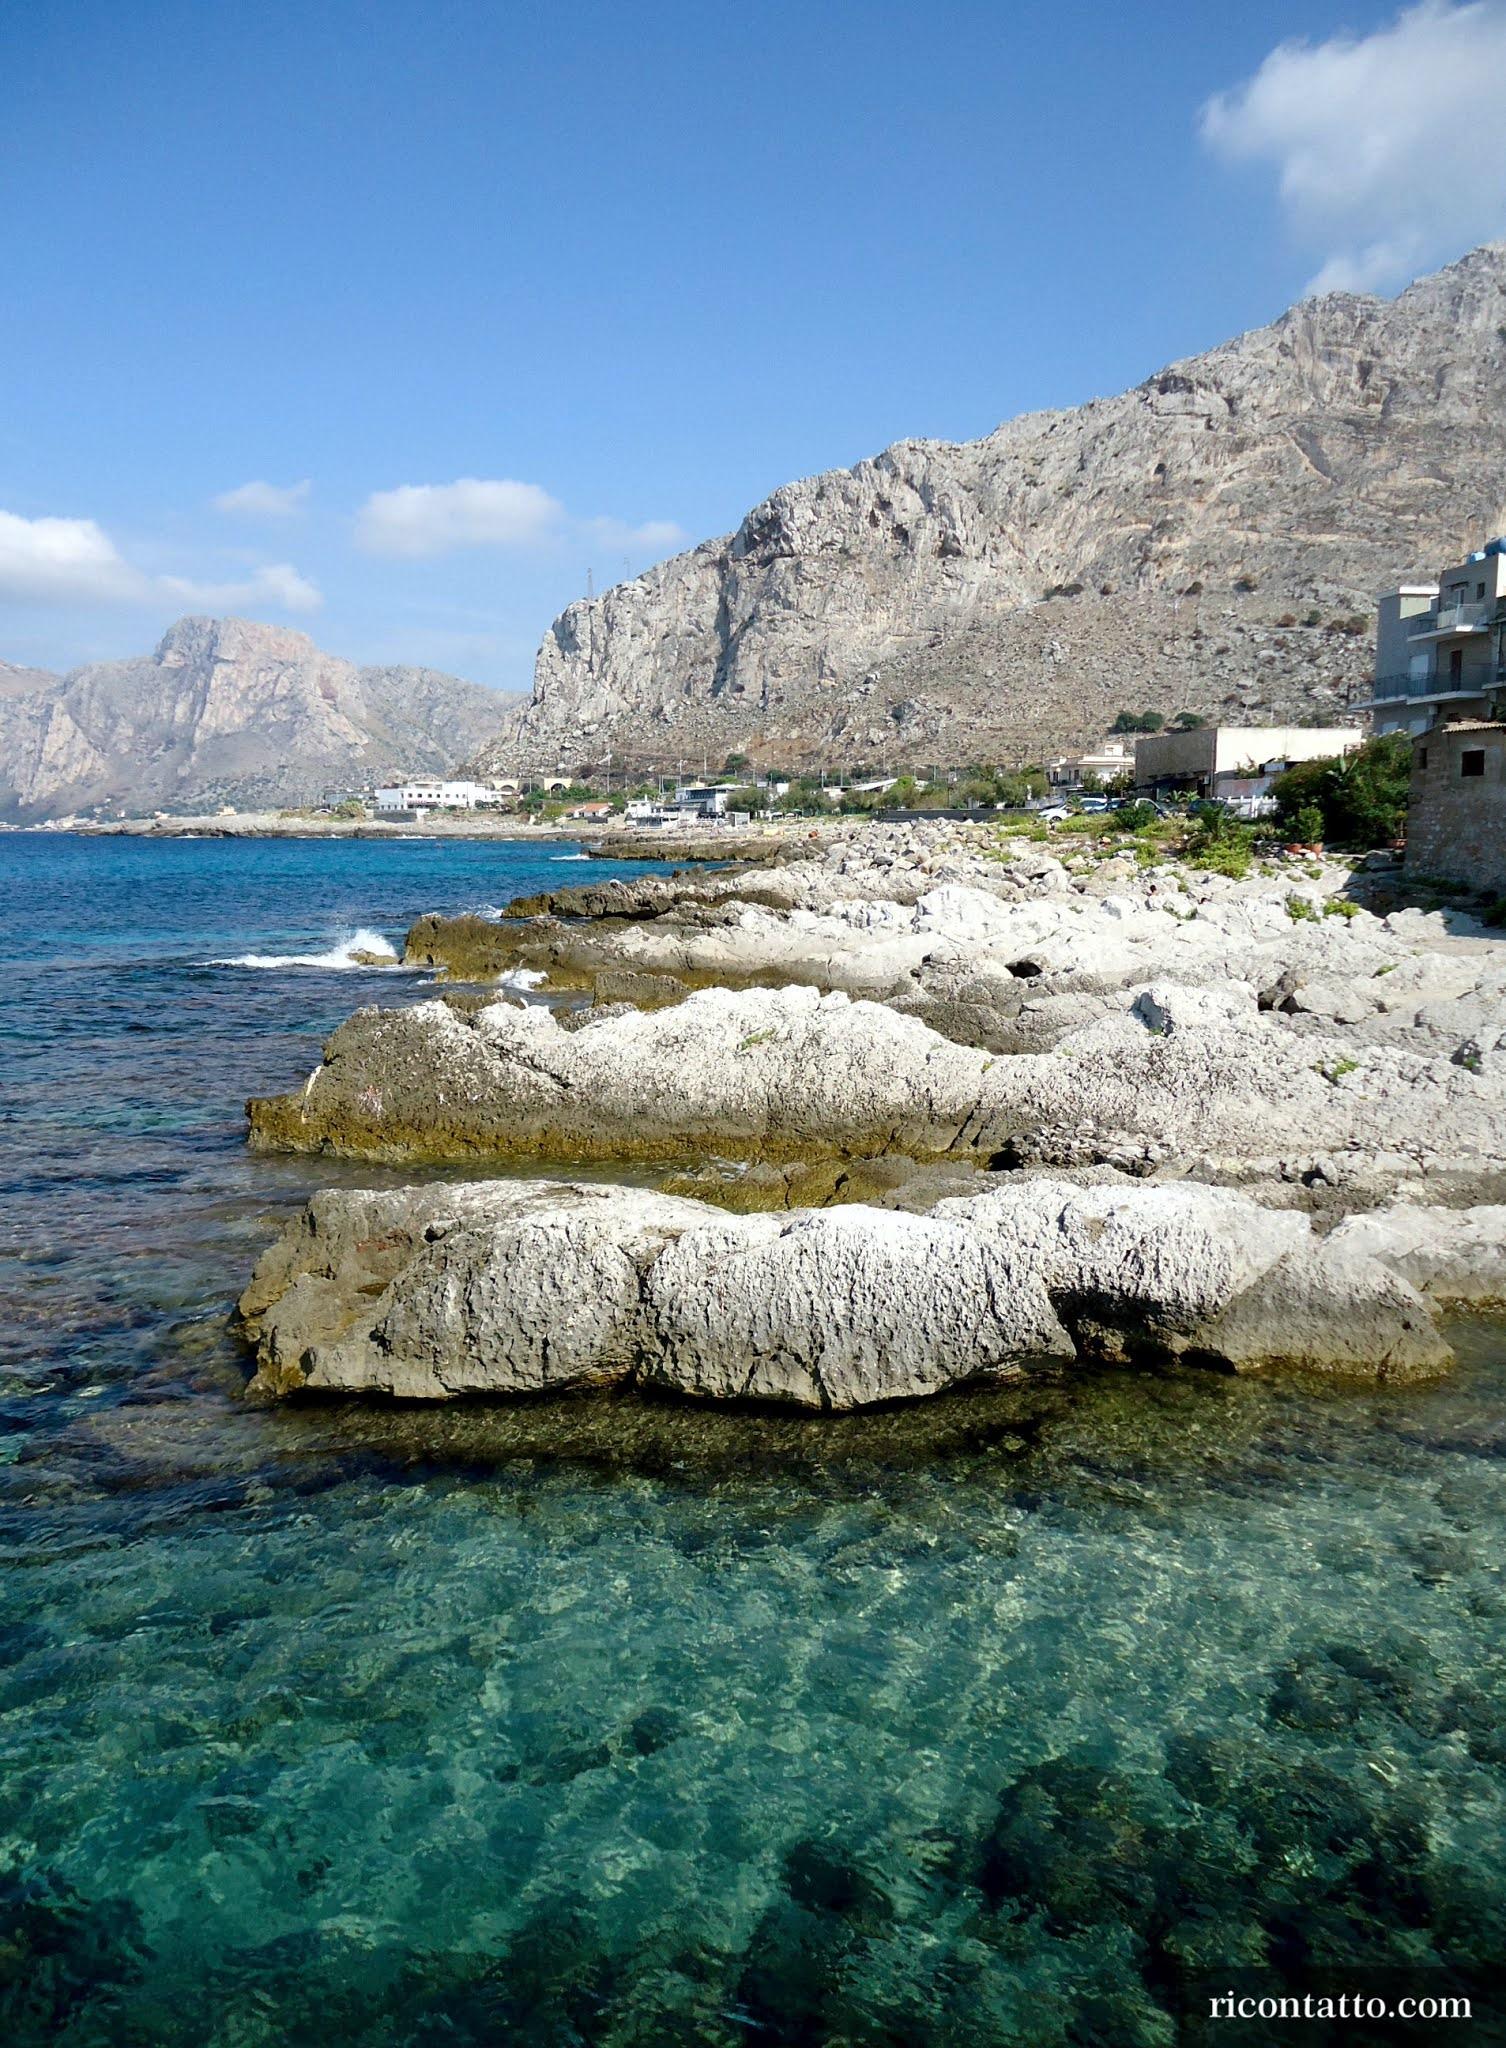 Palermo, Sicilia, Italy - Photo #02 by Ricontatto.com